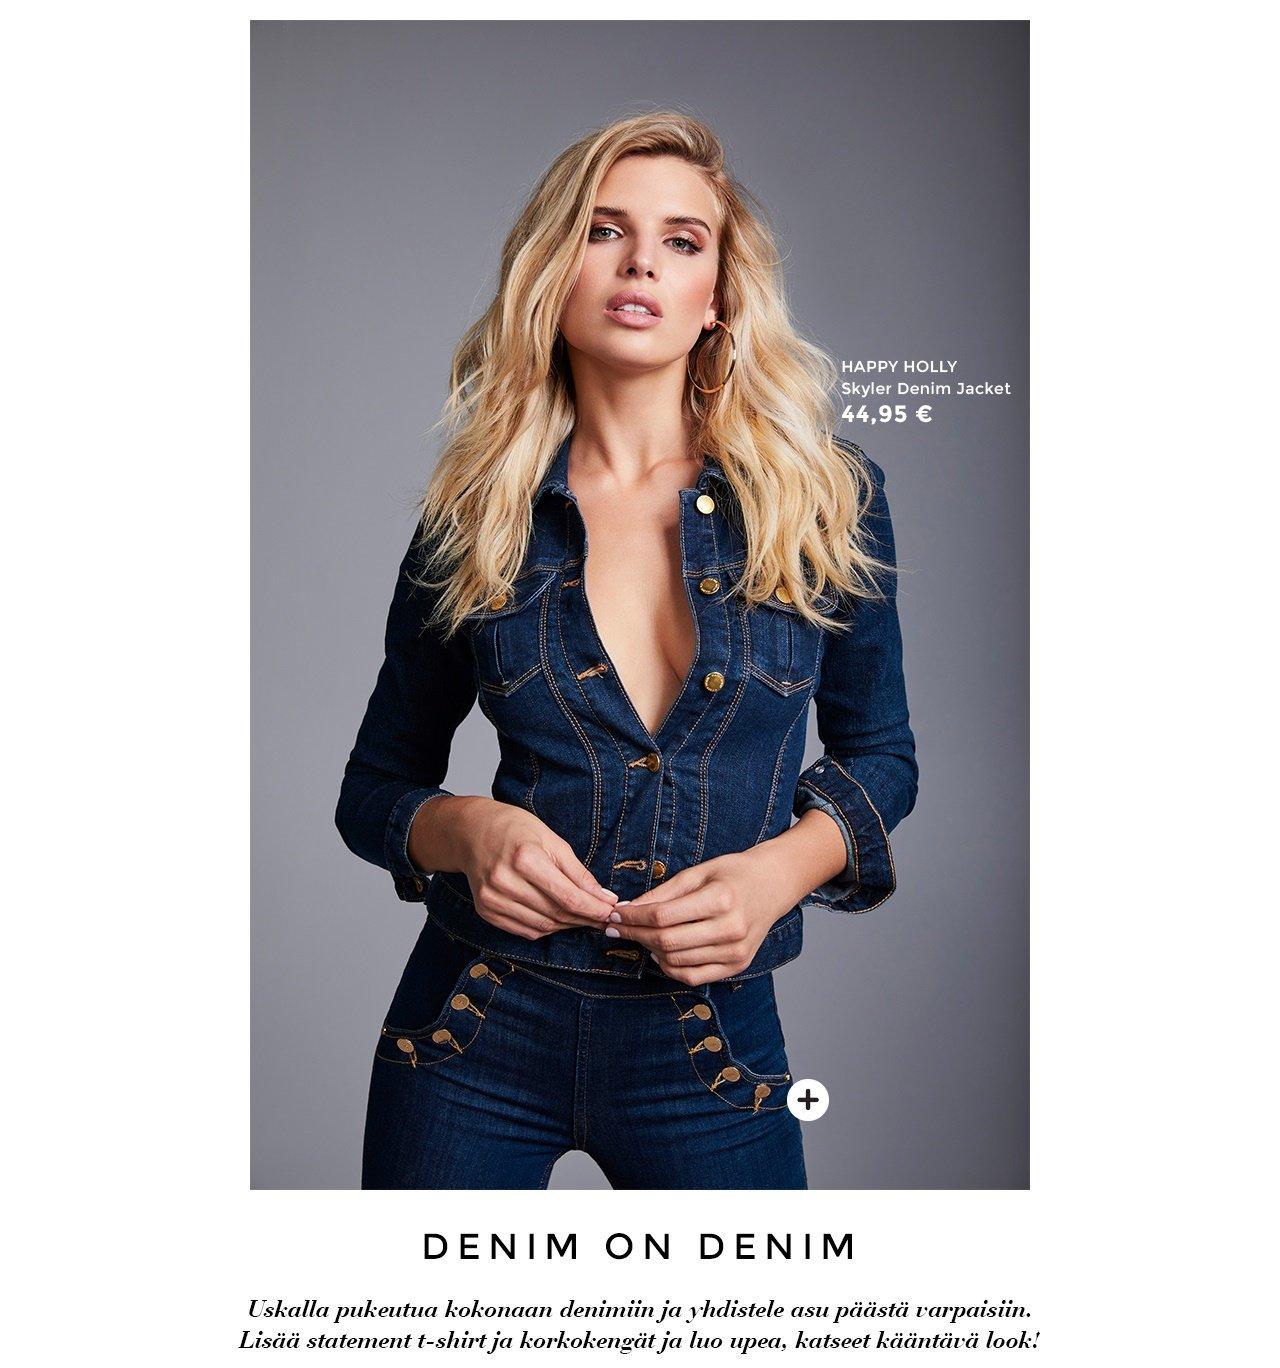 Skyler denim jacket - Adina highwaist